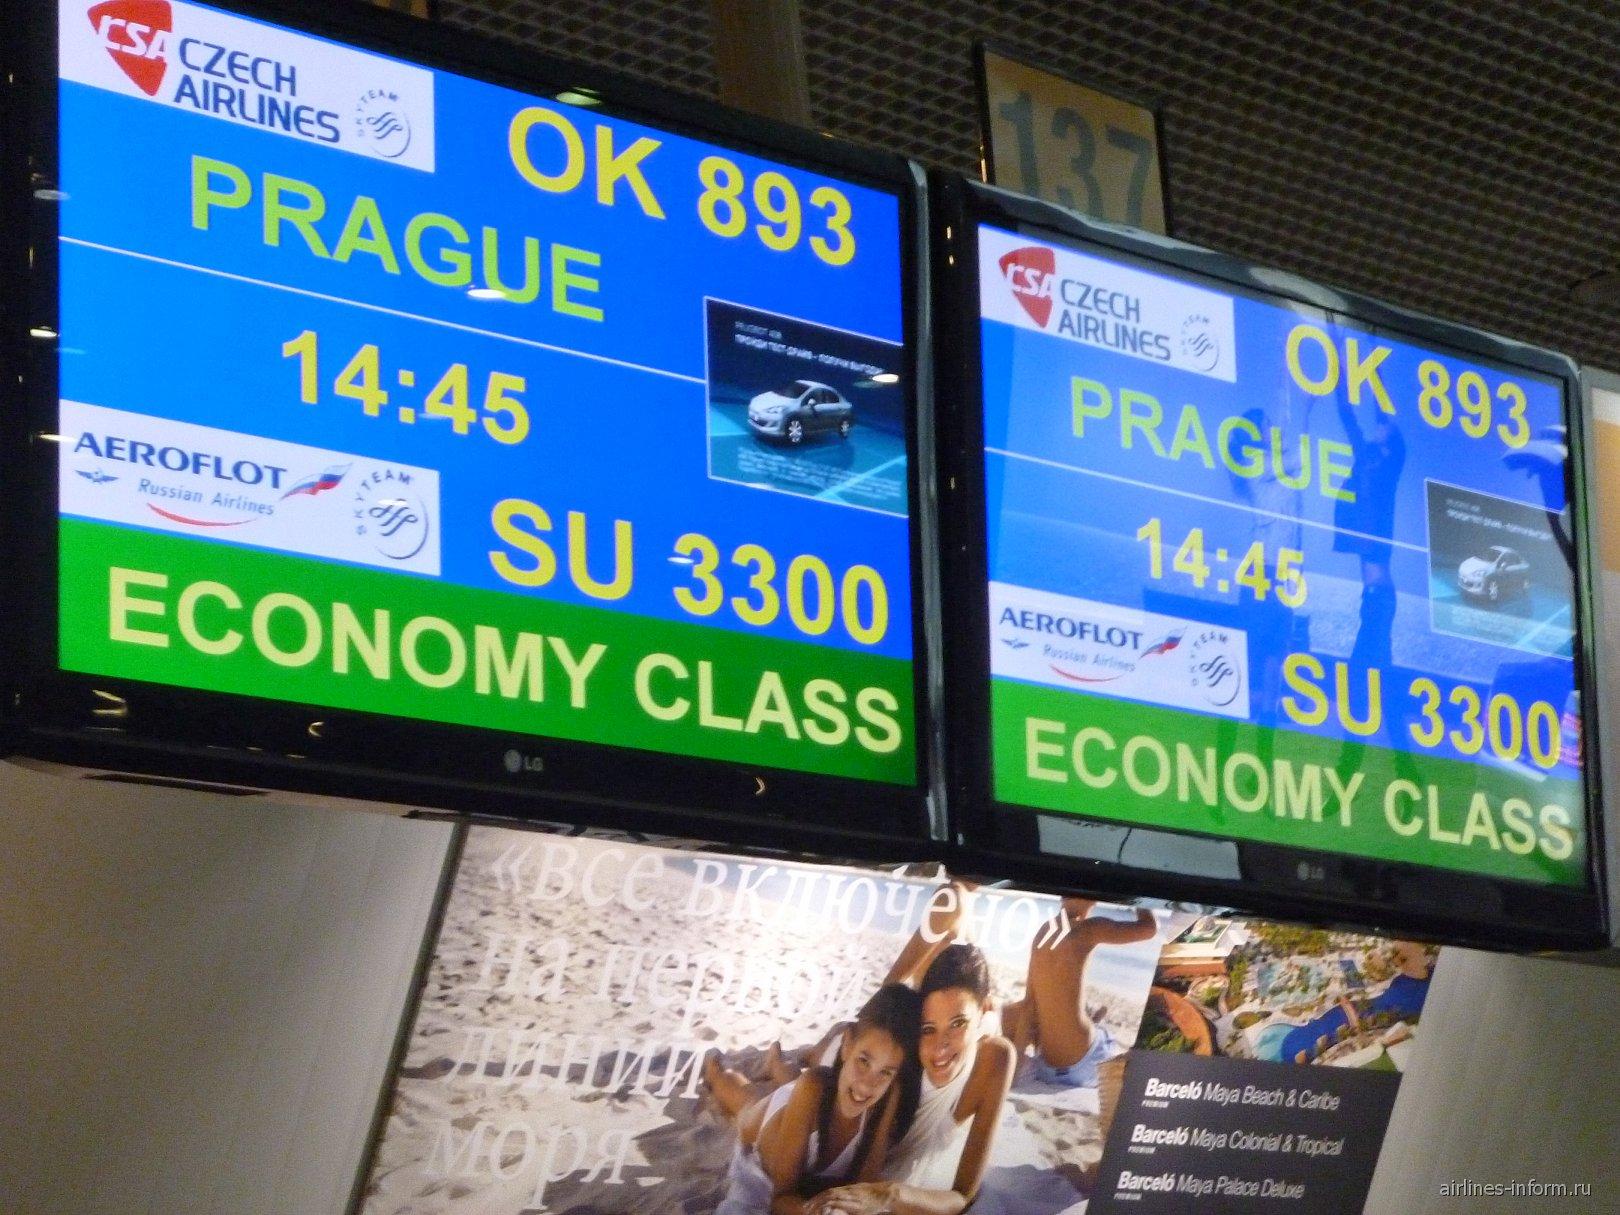 Регистрация на рейс Прага-Москва Чешских авиалиний